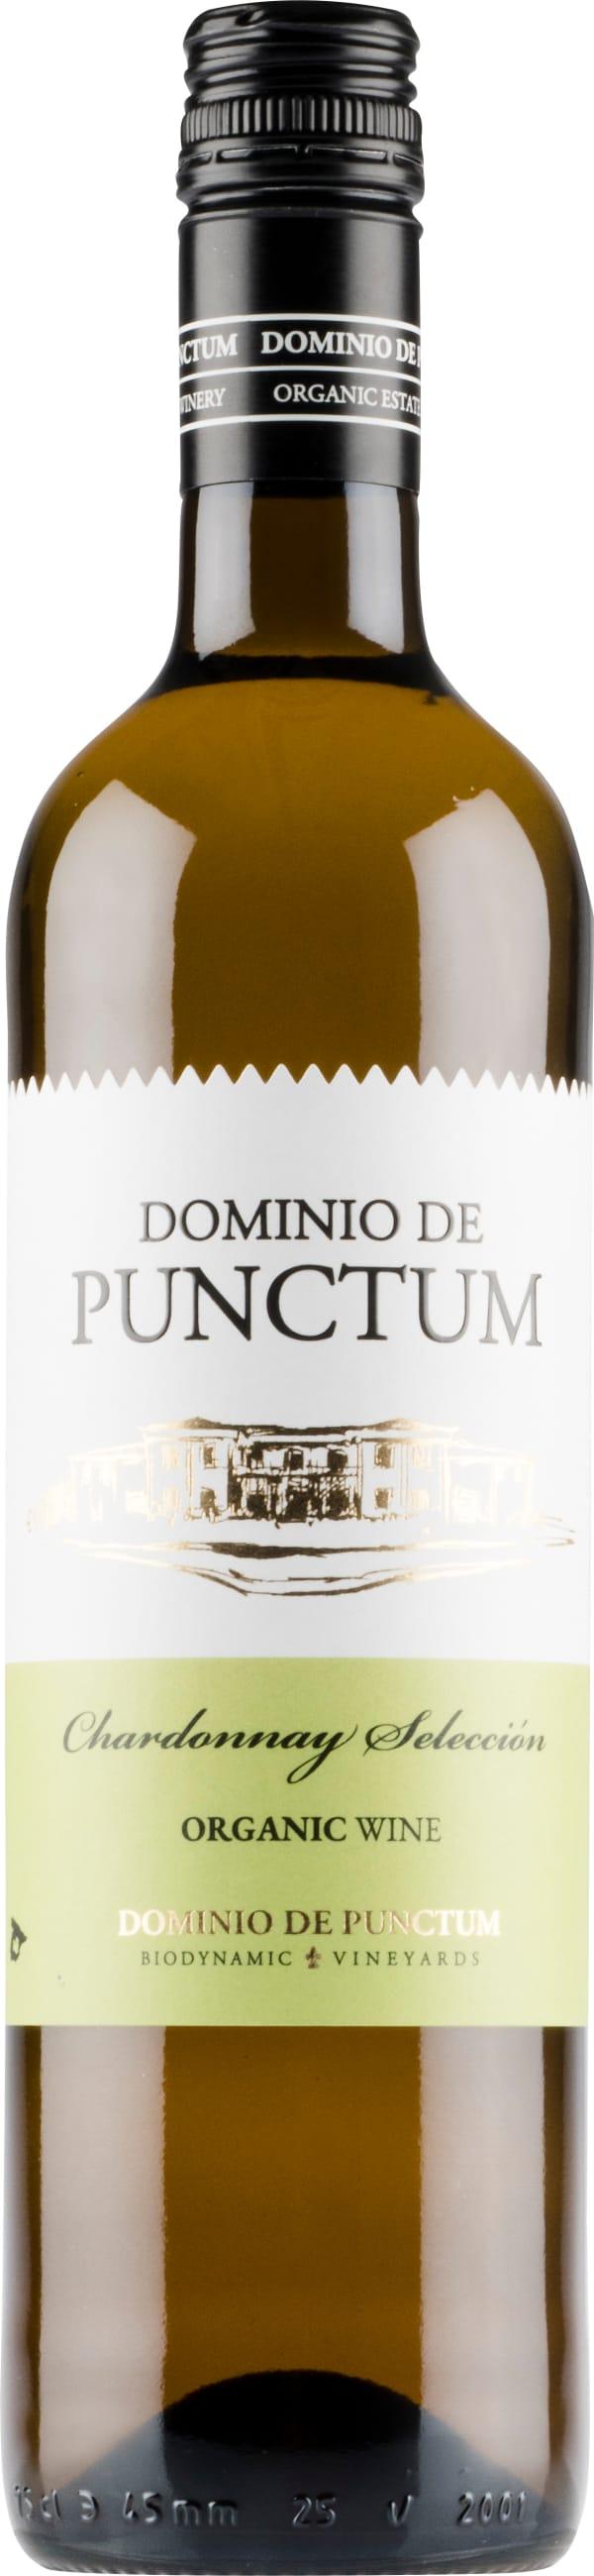 Dominio de Punctum Chardonnay Selección 2018